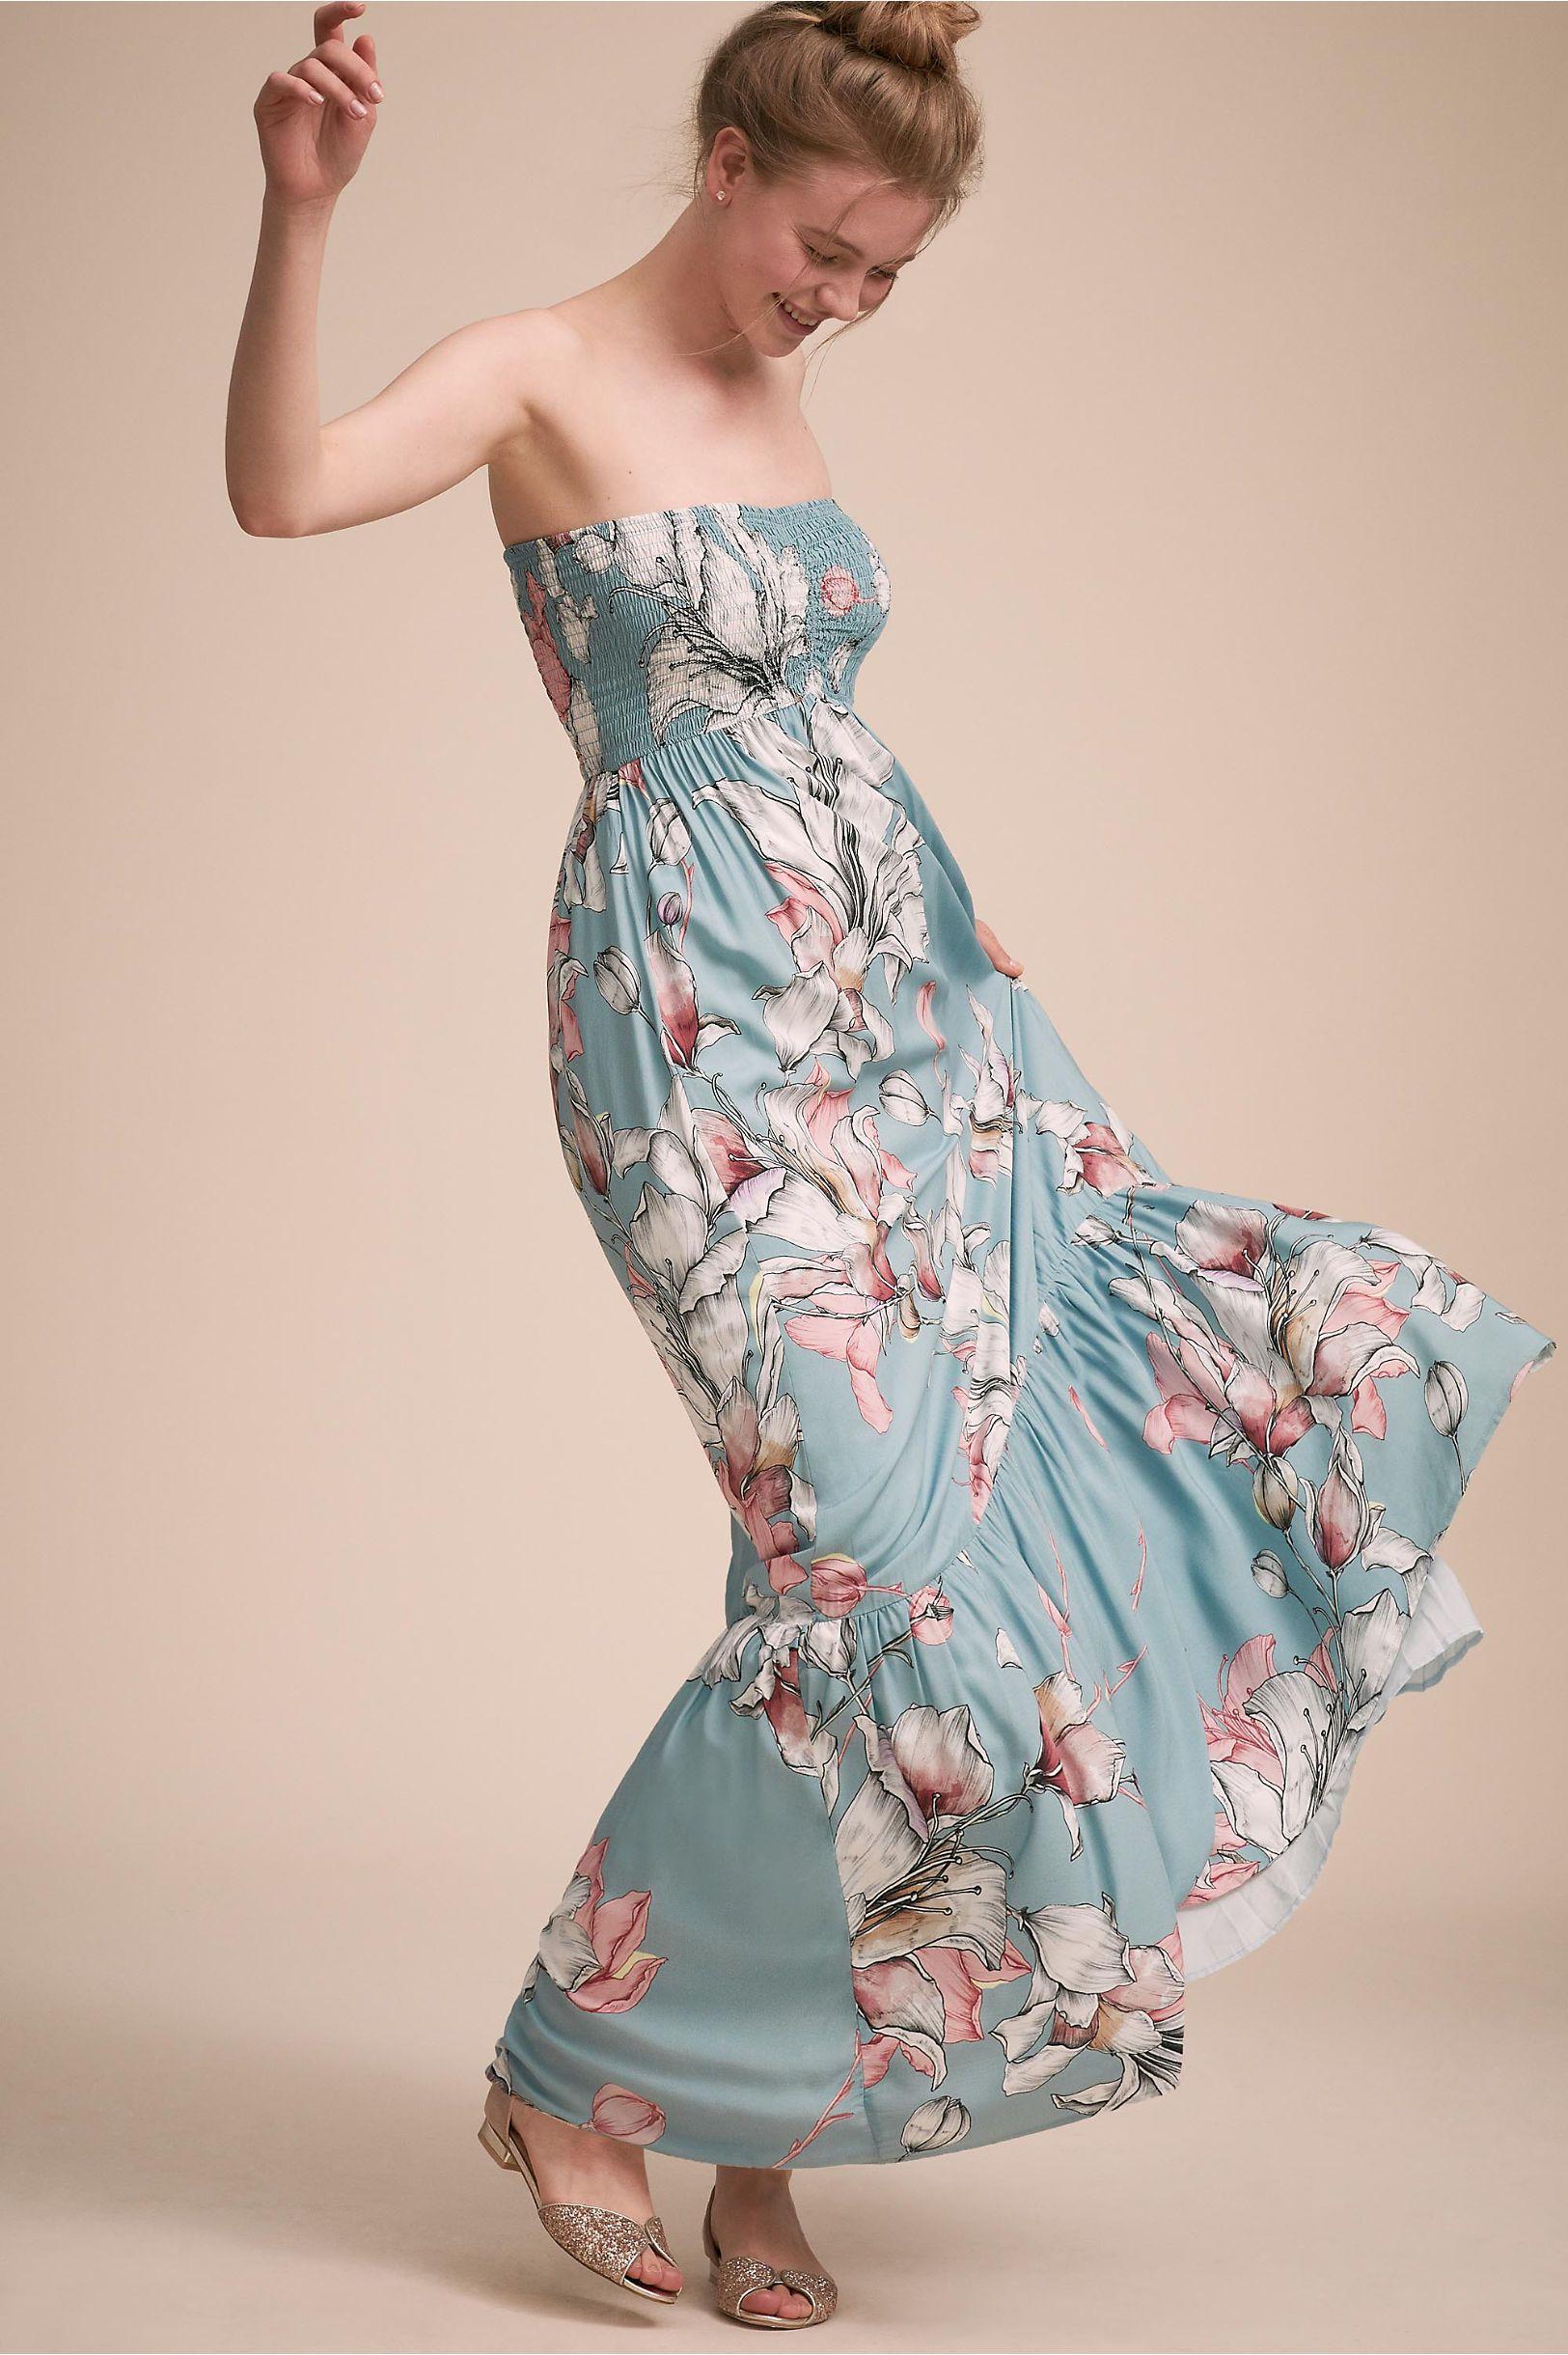 08ad2d7756e1a BHLDN s Plum Pretty Sugar Lolo Dress in Blue. BHLDN s Plum Pretty Sugar  Lolo Dress in Blue Beach Wedding Guests ...